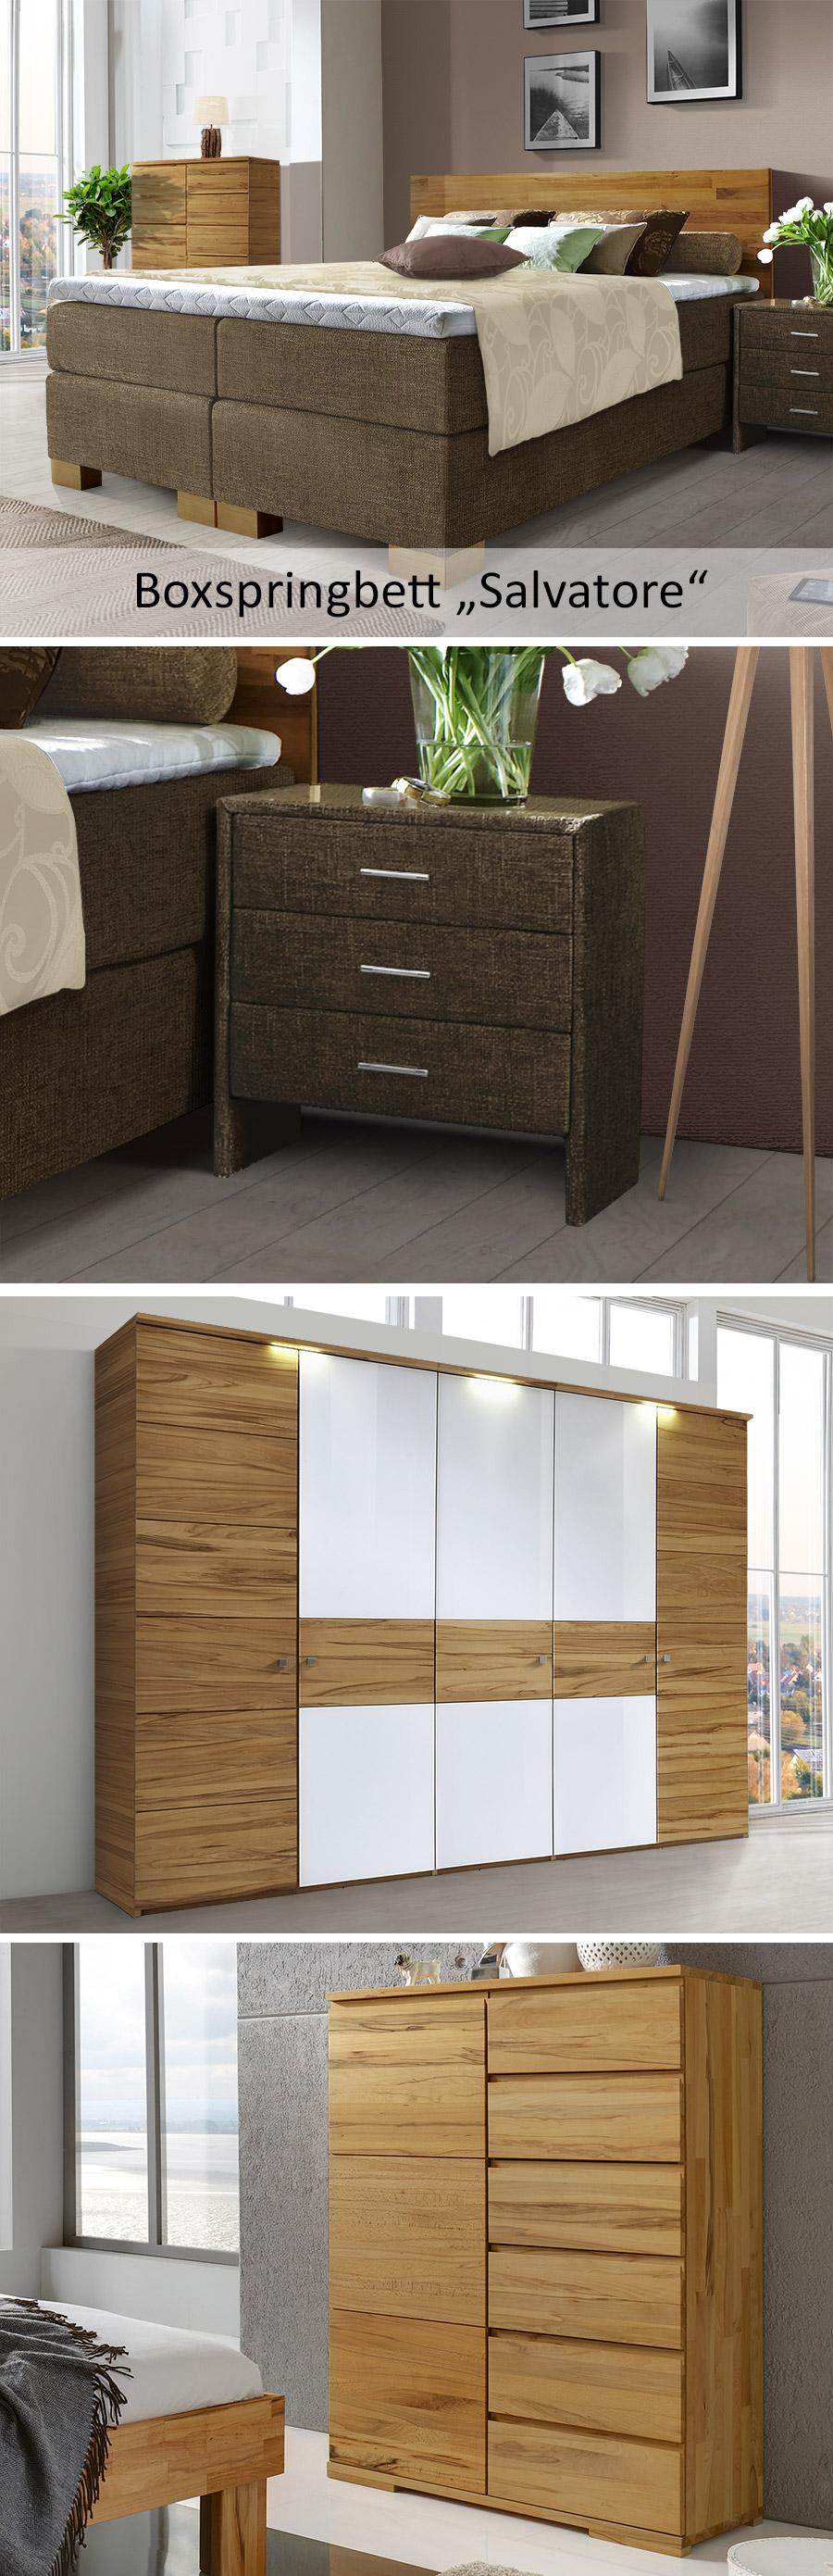 hochwertiges qualitäts-schlafzimmer aus kernbuchenholz. | betten, Wohnzimmer dekoo